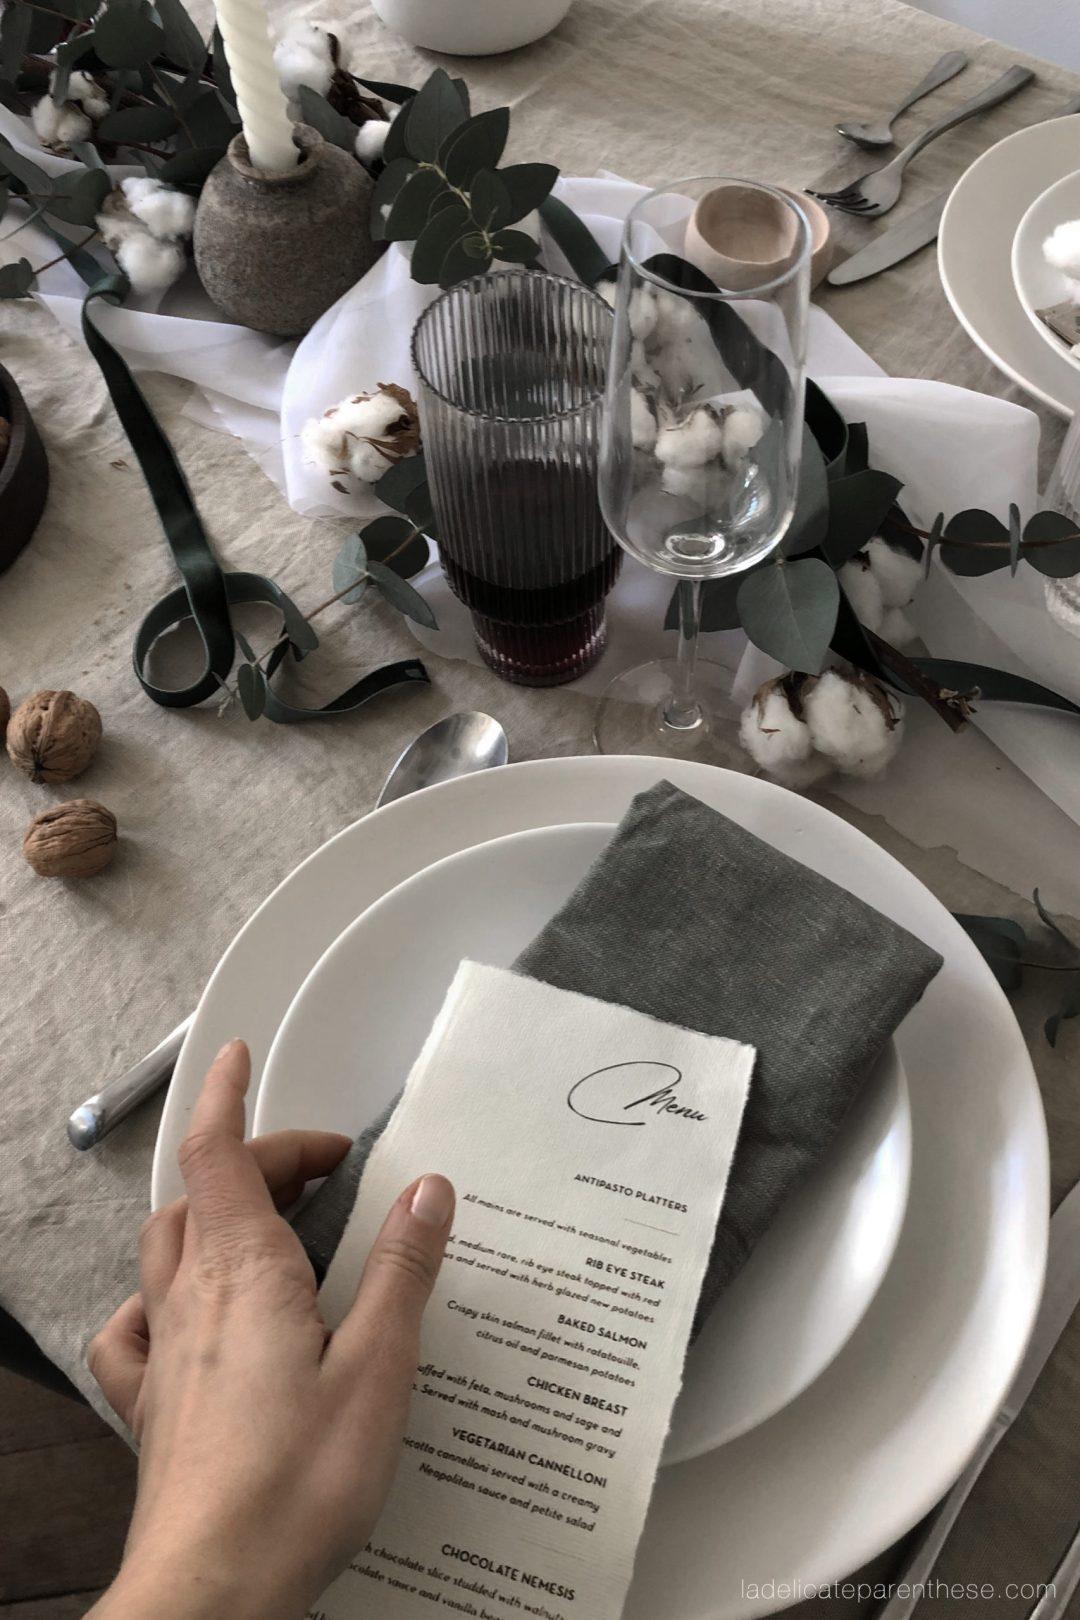 une table de noel zero dechets avec sosrene grene